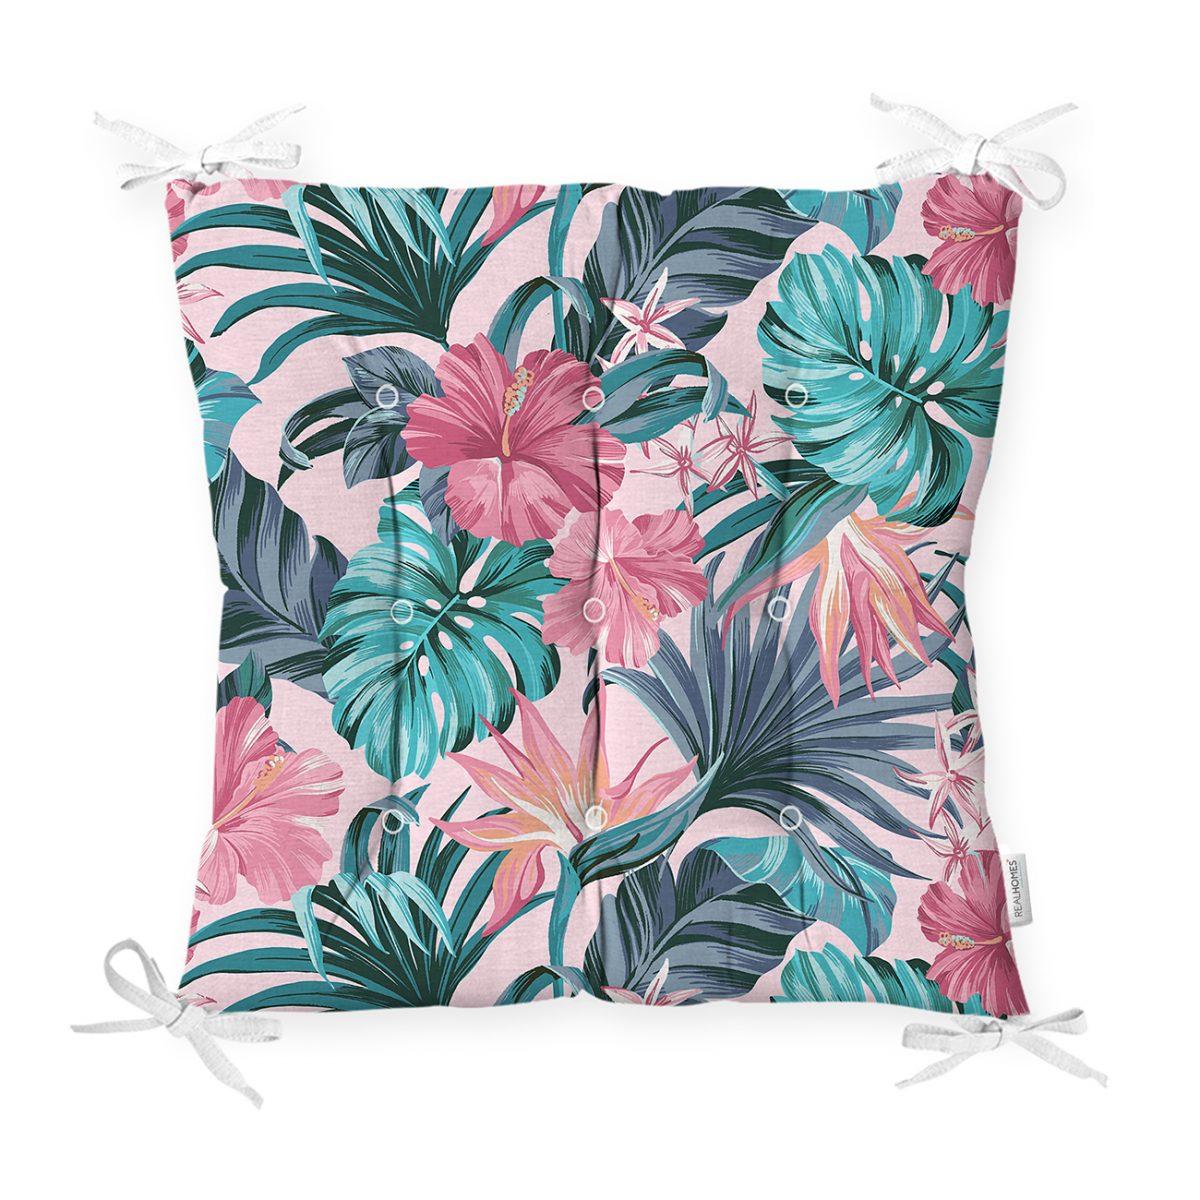 Pembe Zeminde Canlı Tropik Yaprakları Dijital Baskılı Pofidik Sandalye Minderi Realhomes